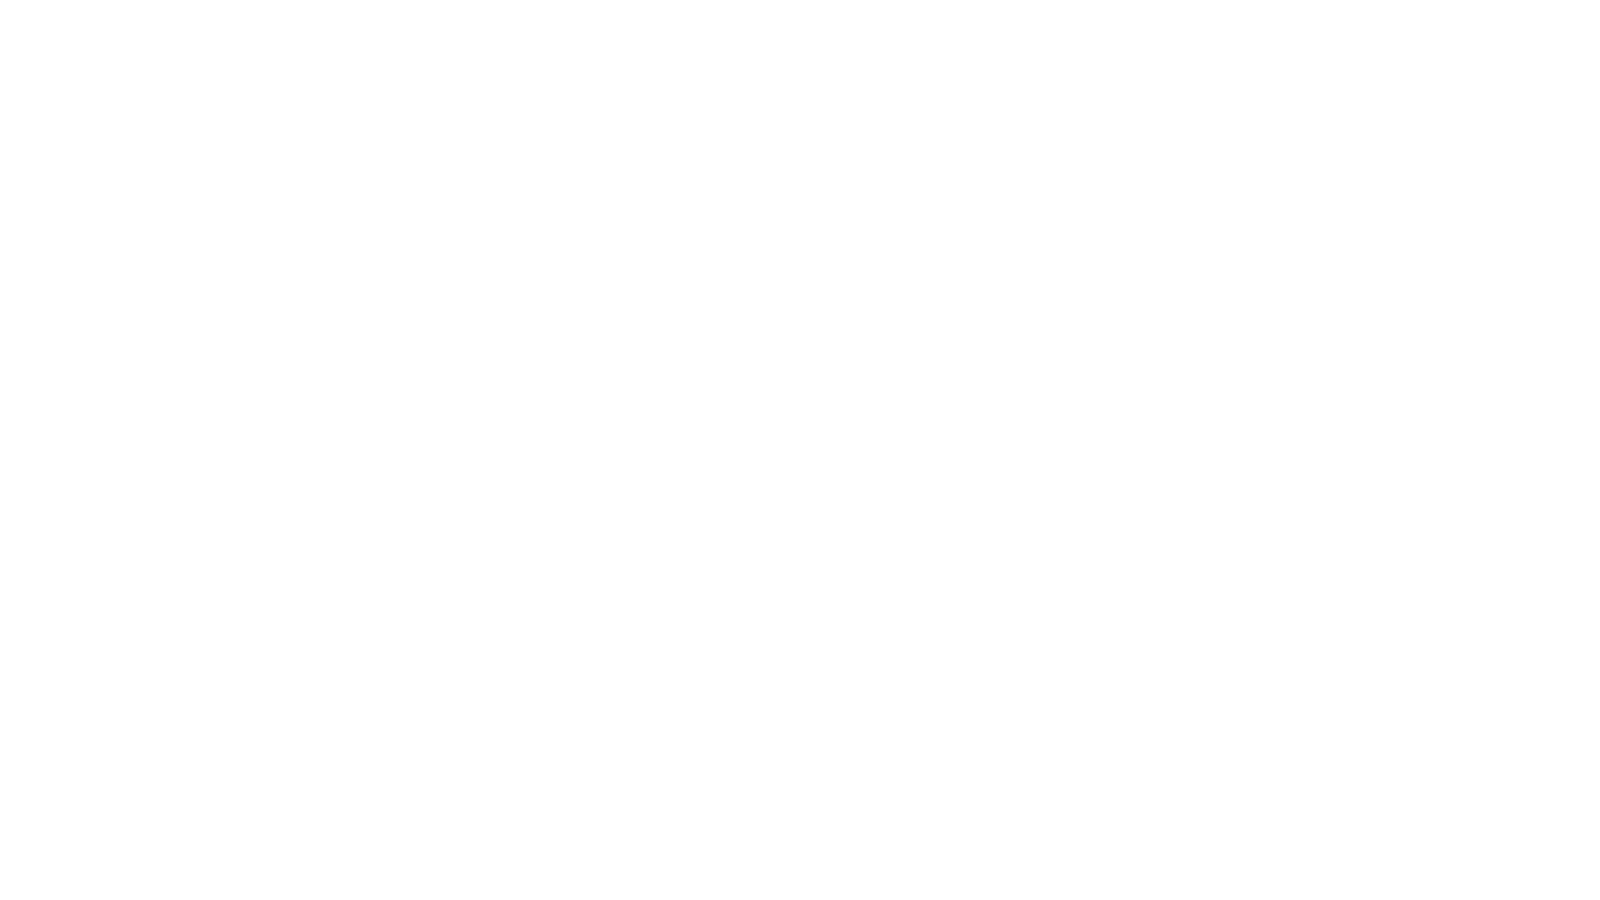 Paolo Pustetto, maestro al Golf Club Verona, è uno dei talent italiani di ASM, una delle società leader nel settore delle borse di studio per meriti sportivi negli USA. Nella nostra Mezz'ora con... parliamo di come si fa a cominciare il processo di richiesta e come questa opportunità troppo spesso viene ignorata o fraintesa dalle famiglie europee ed italiane in particolare. Parleremo di quali sono gli step per fare la richiesta, quali gli esami da sostenere e le varie procedure burocratiche e non che conducono uno studente atleta a ricevere una borsa di studio, a volte completa al 100%, per un valore che può superare i 60, 70, 80 mila dollari all'anno.